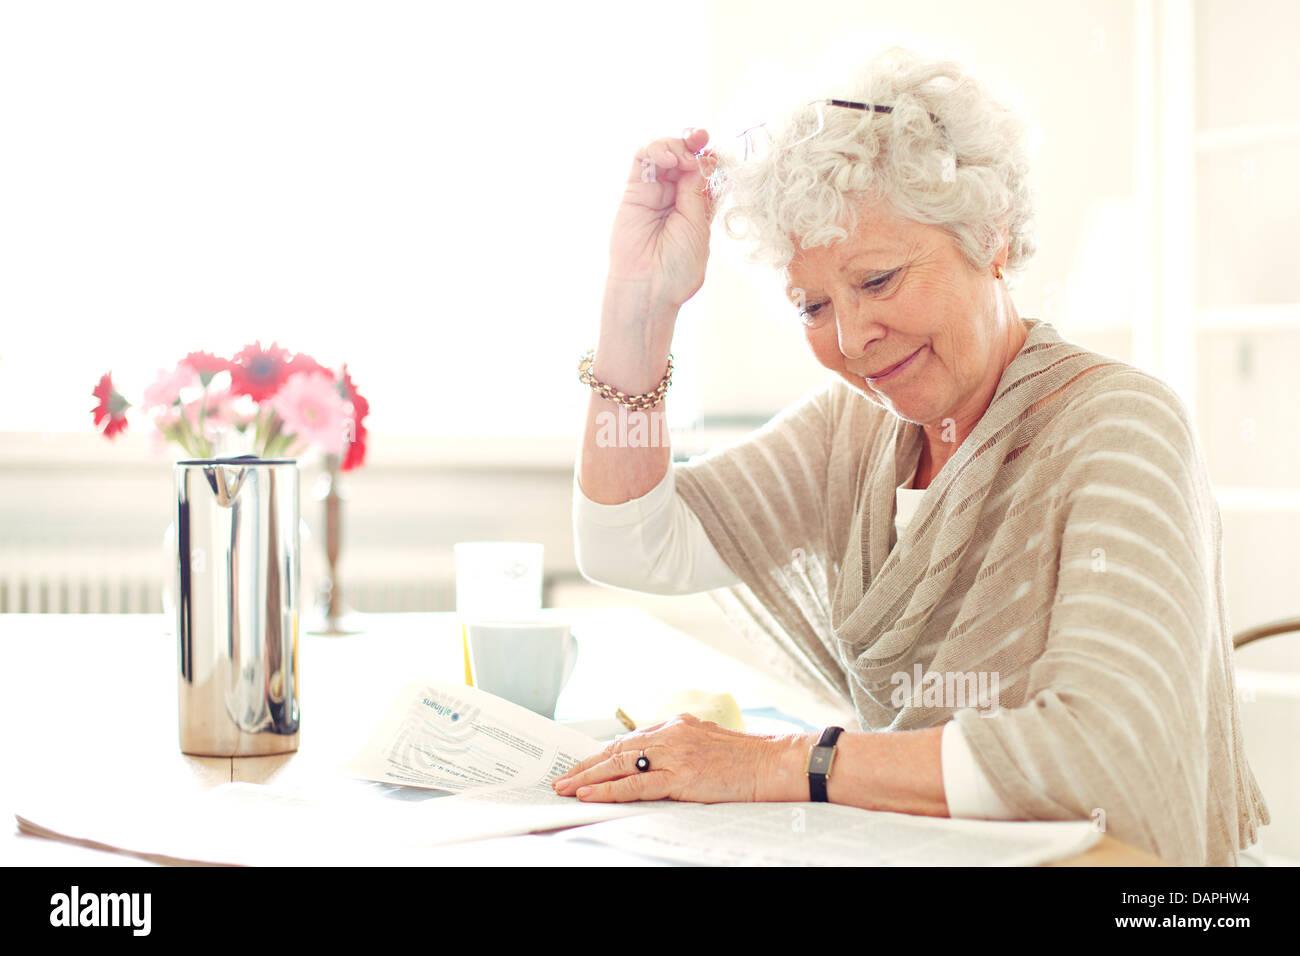 La abuela en casa ocupado leyendo algo Imagen De Stock